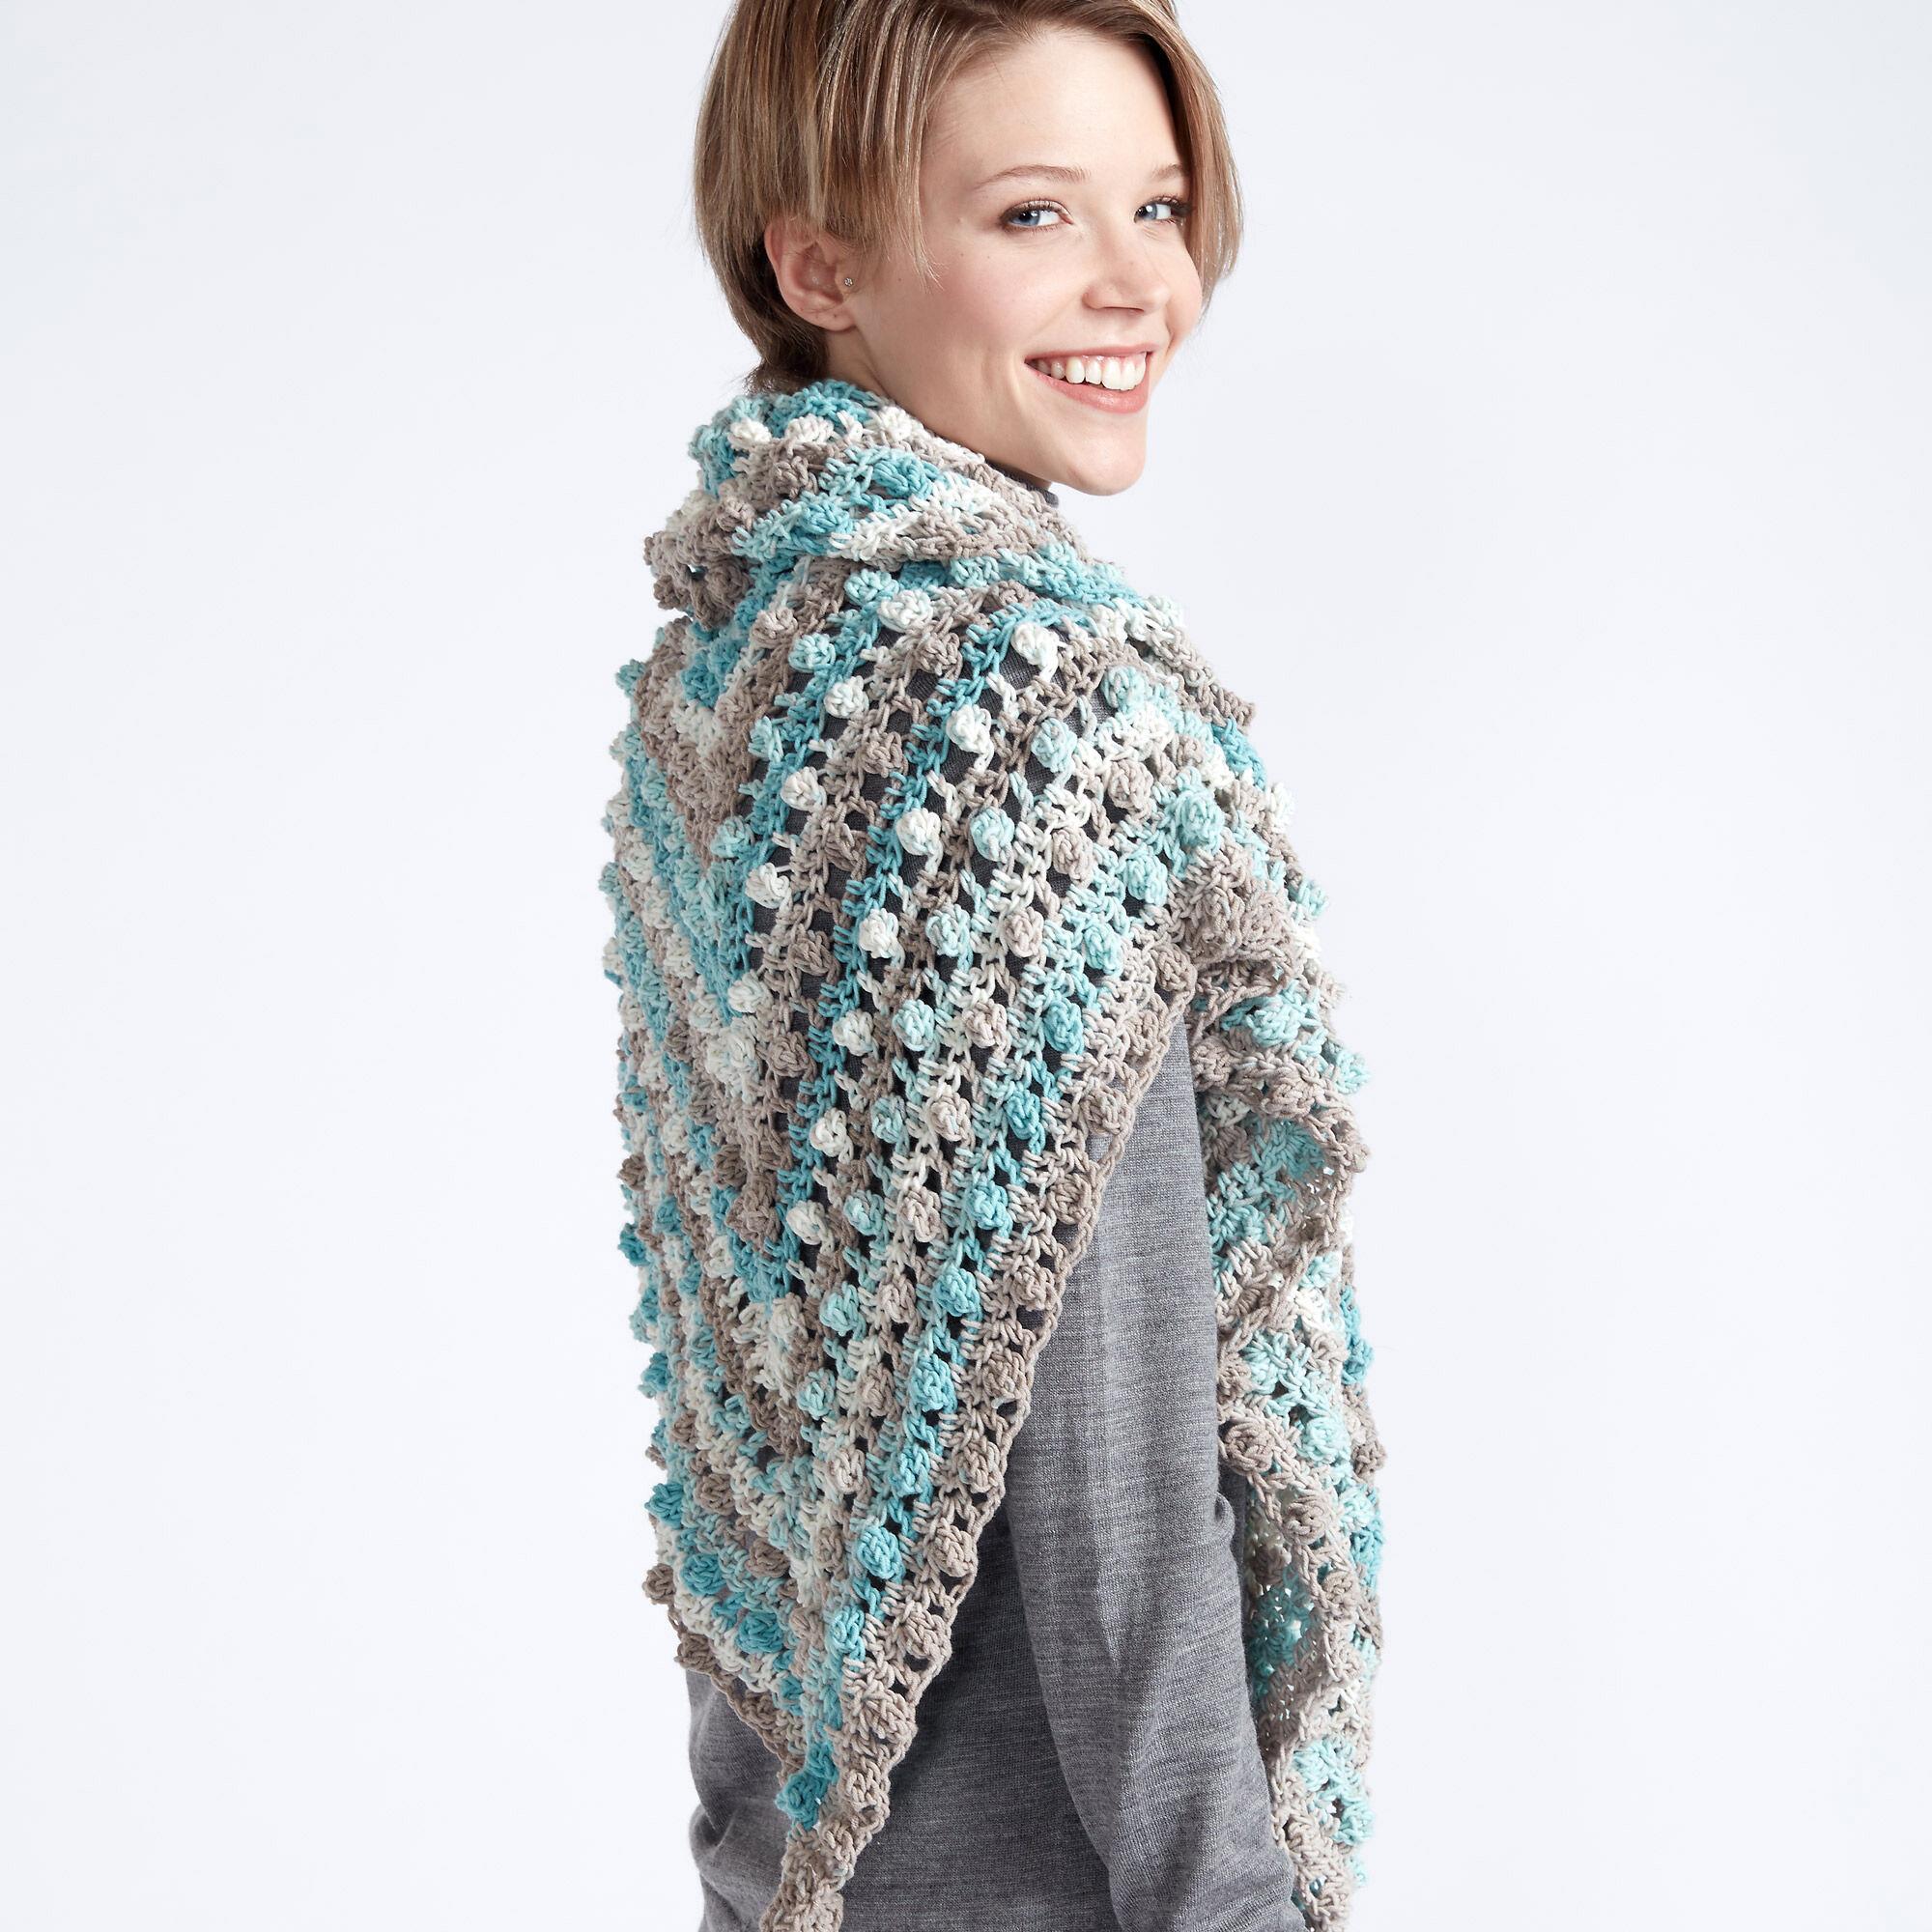 Caron Make a Point Crochet Shawl Pattern | Yarnspirations